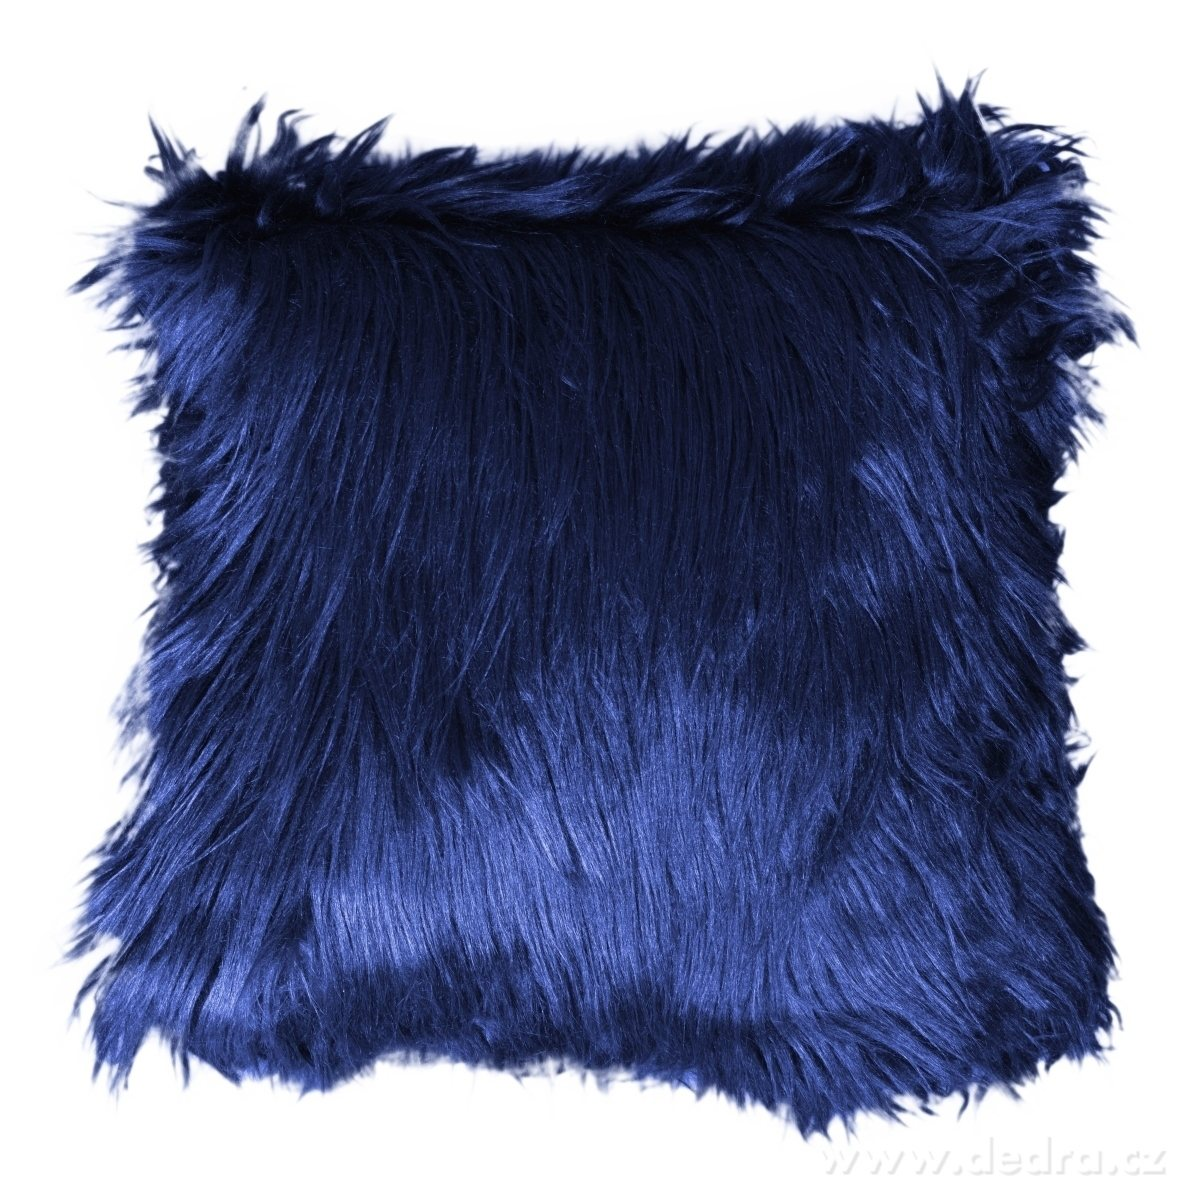 Dedra Dekorační potah na polštář, půlnoční modrý z česané umělé kožešiny